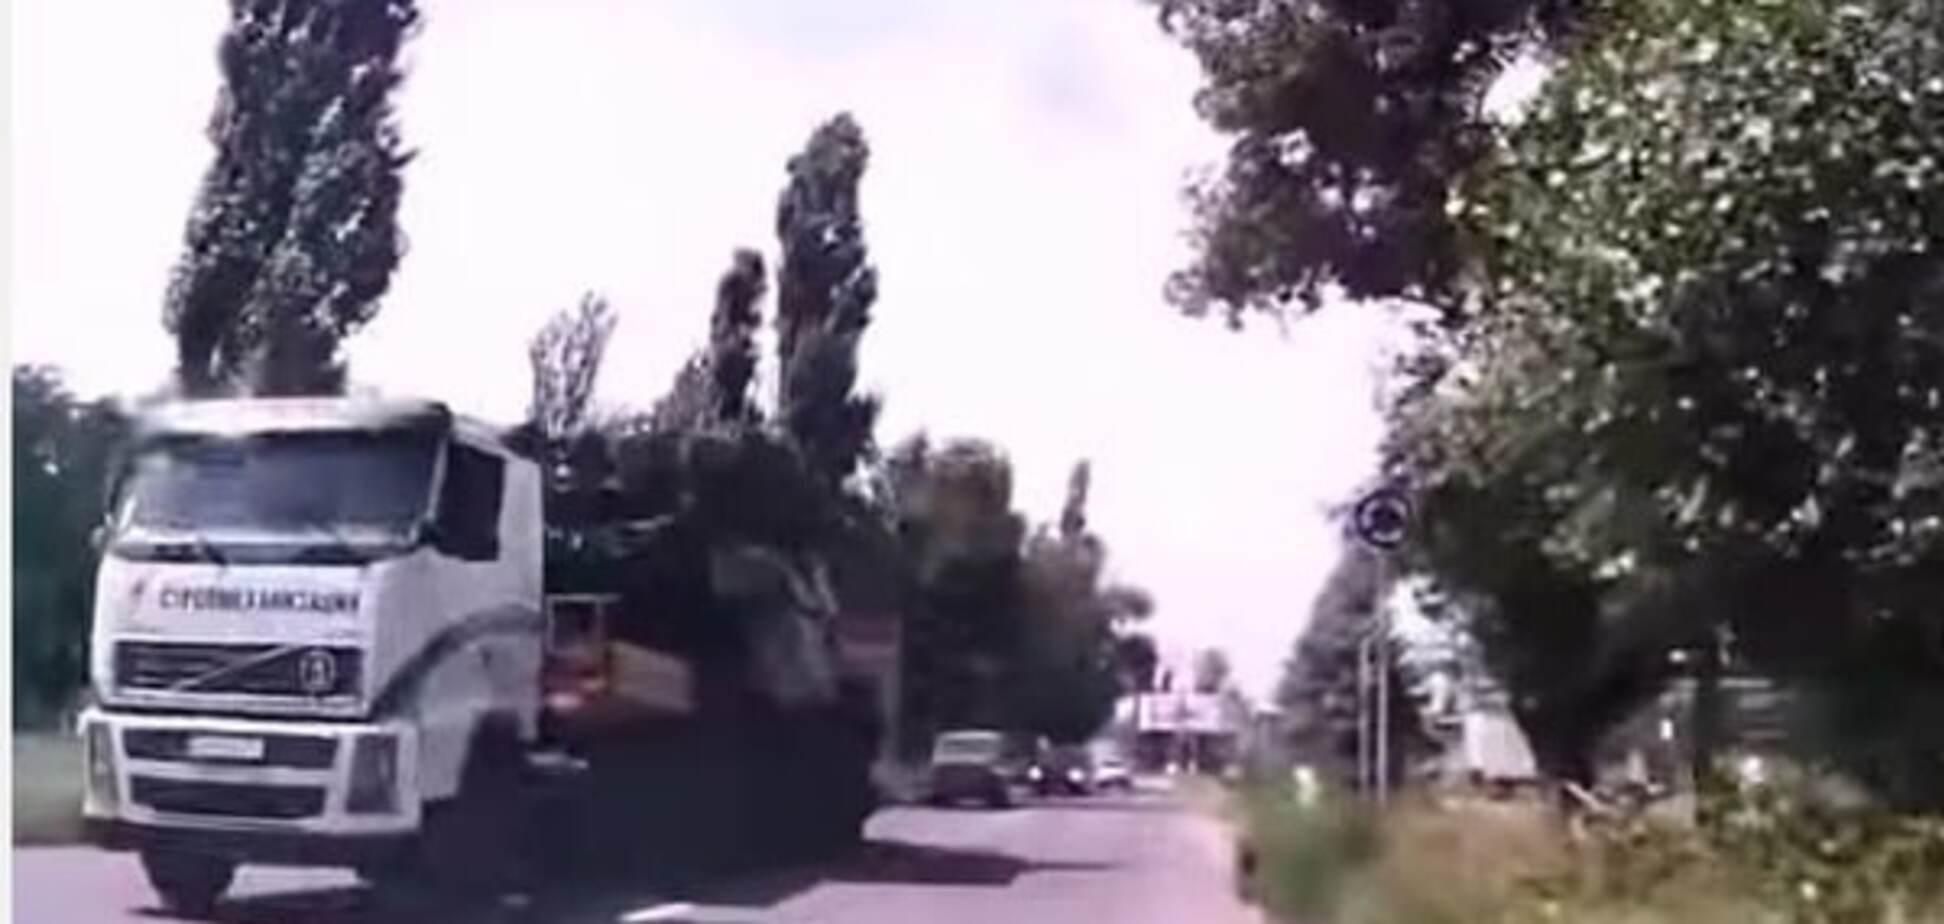 Крушение MH17: в сети показали новое видео транспортировки 'Бука', с которого сбили Boeing-777